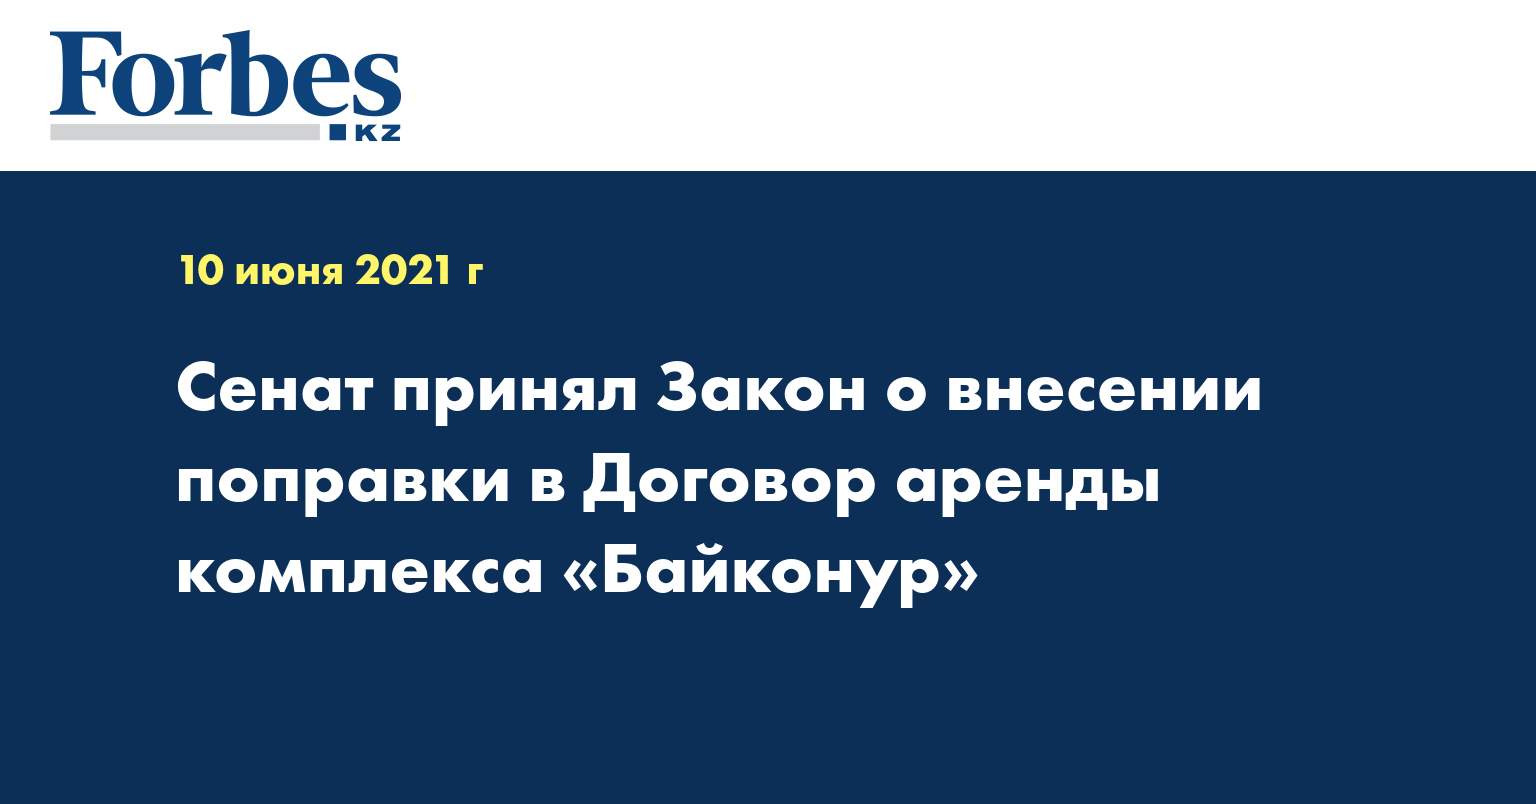 Сенат принял Закон о внесении поправки в Договор аренды комплекса «Байконур»